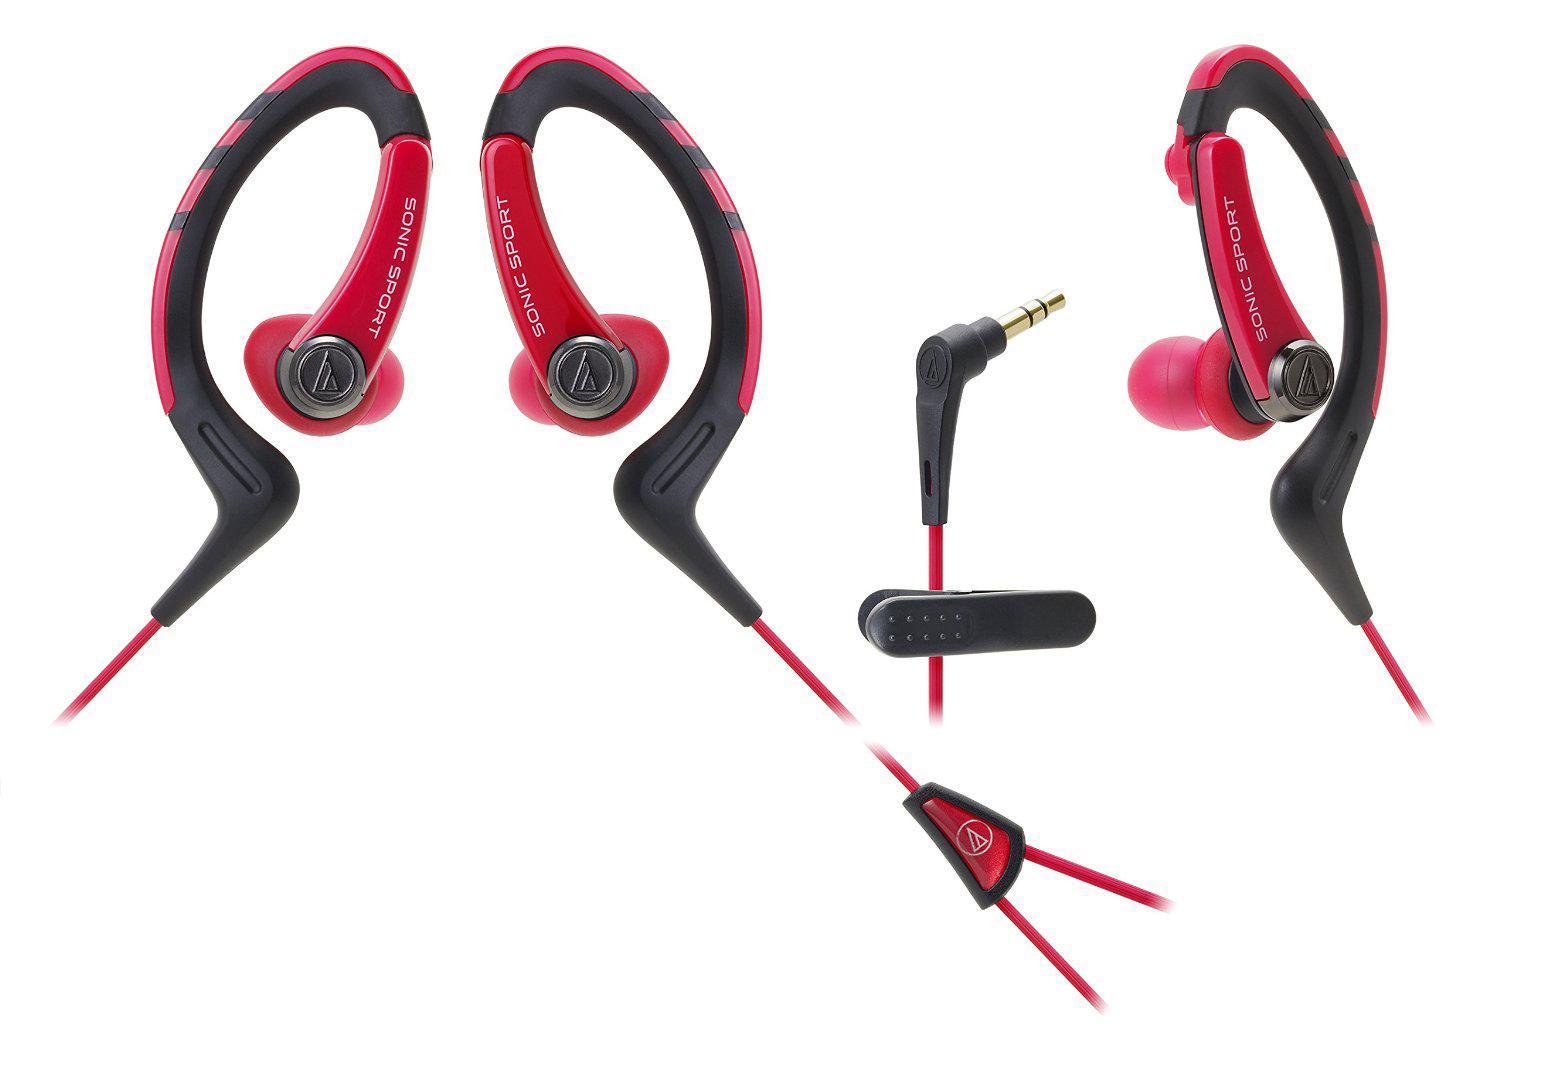 Audio-Technica ATH-Sport1, Red наушникиATH-SPORT1 RDНаушники-аксессуар, идеальны для занятий спортомУдобное гибкое резиновое крепление за ухом Долгие часы динамичного звучания Влагозащита уровня IXP5 Укороченный кабель с клипсой